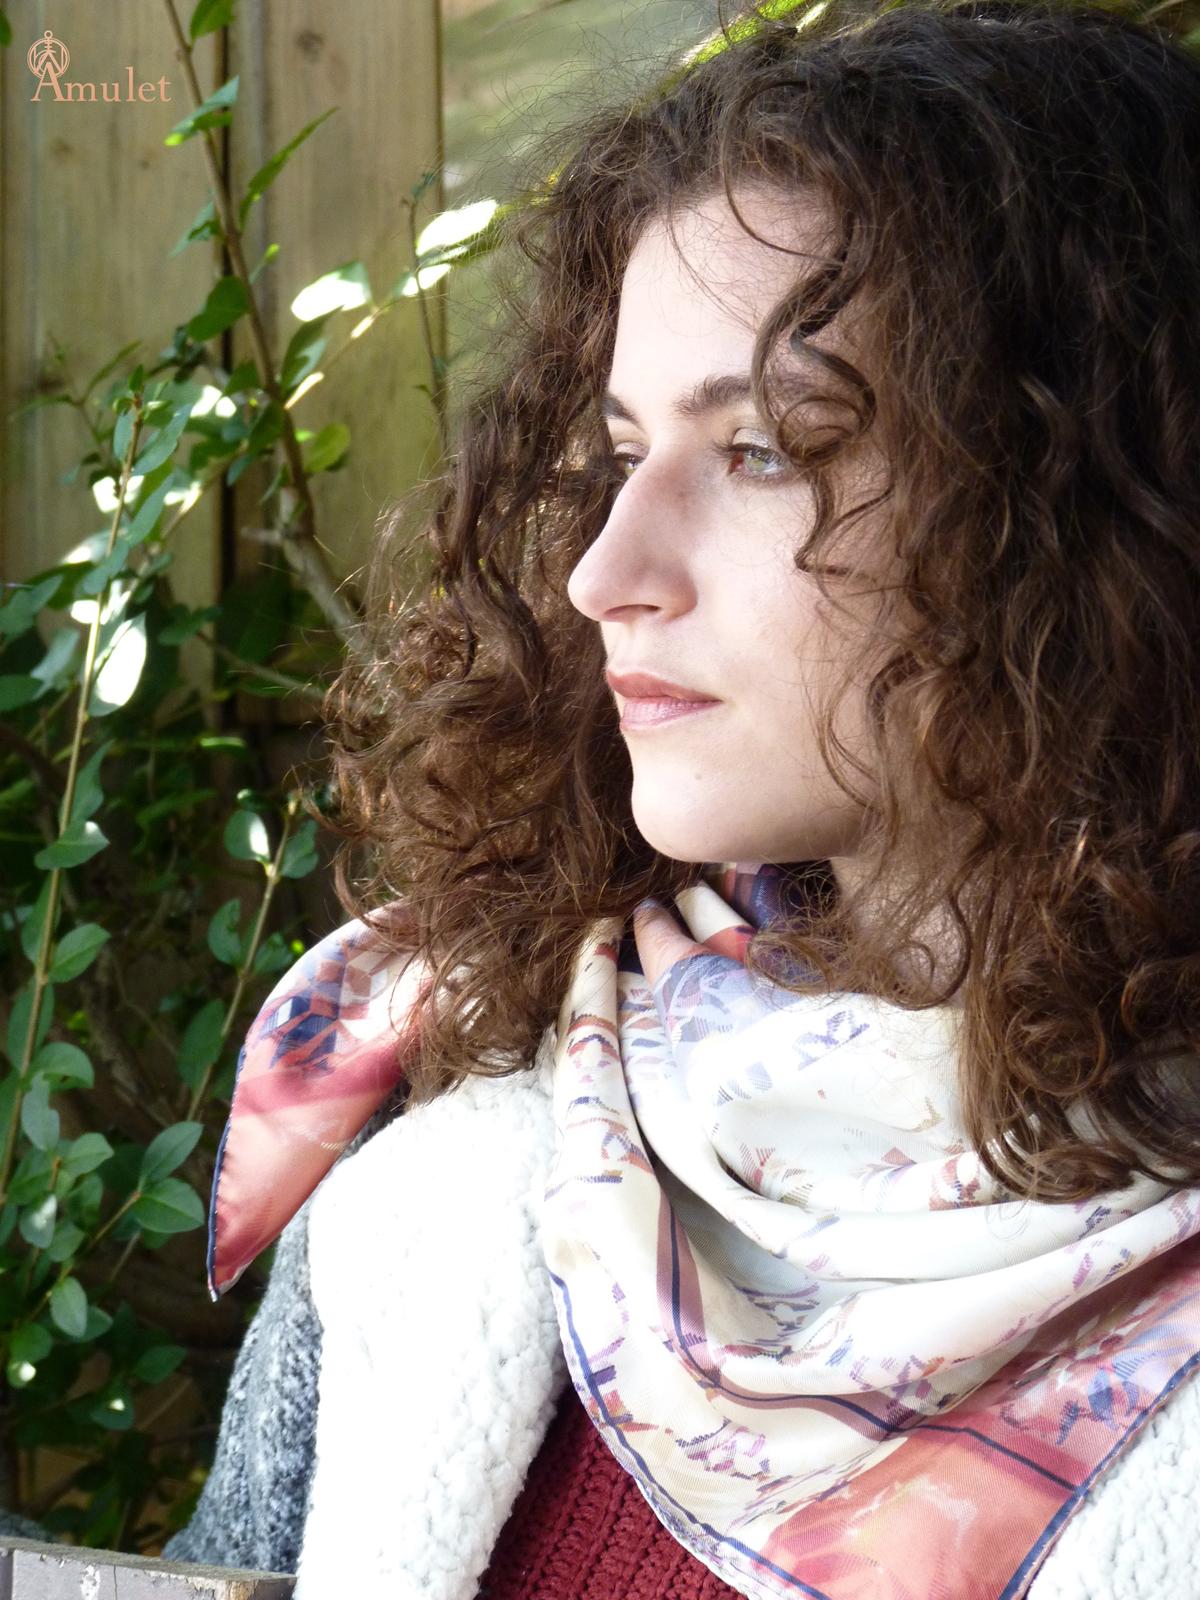 amuletfoulard-carre-cluaran-apaisant-soothing-2021-silkscarf-scarflovers-fashion-style